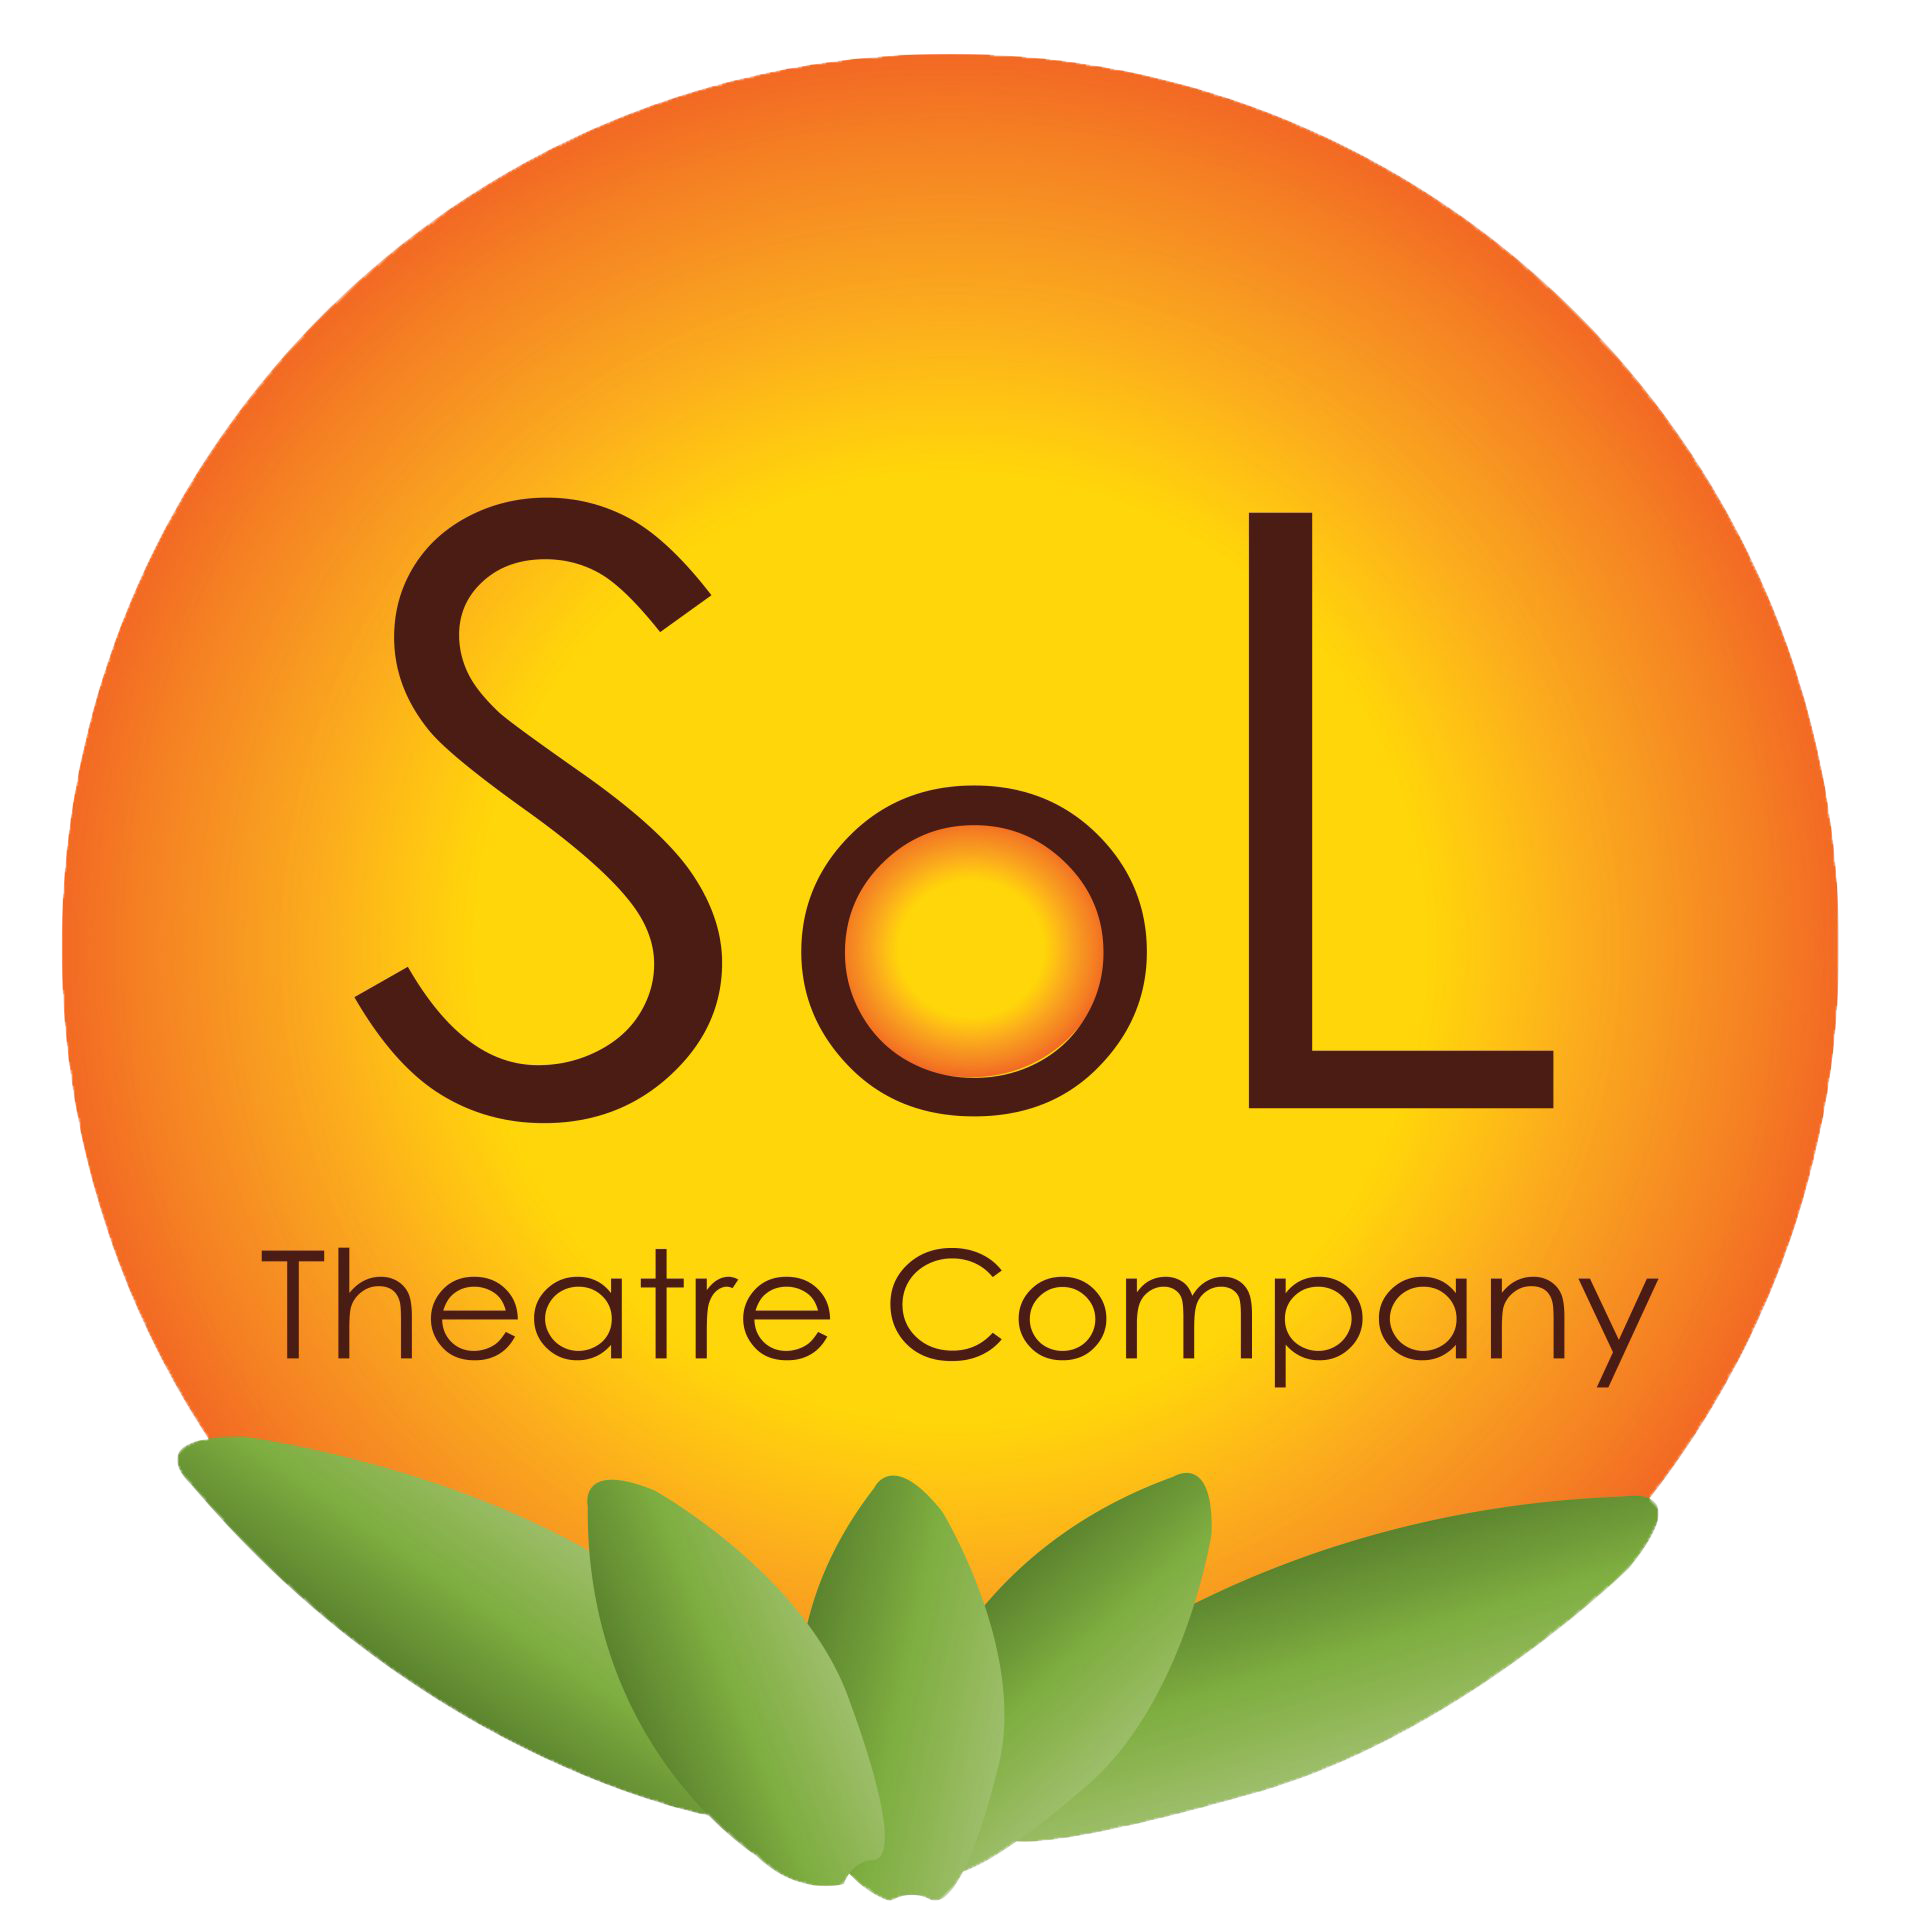 Sol Theatre Company